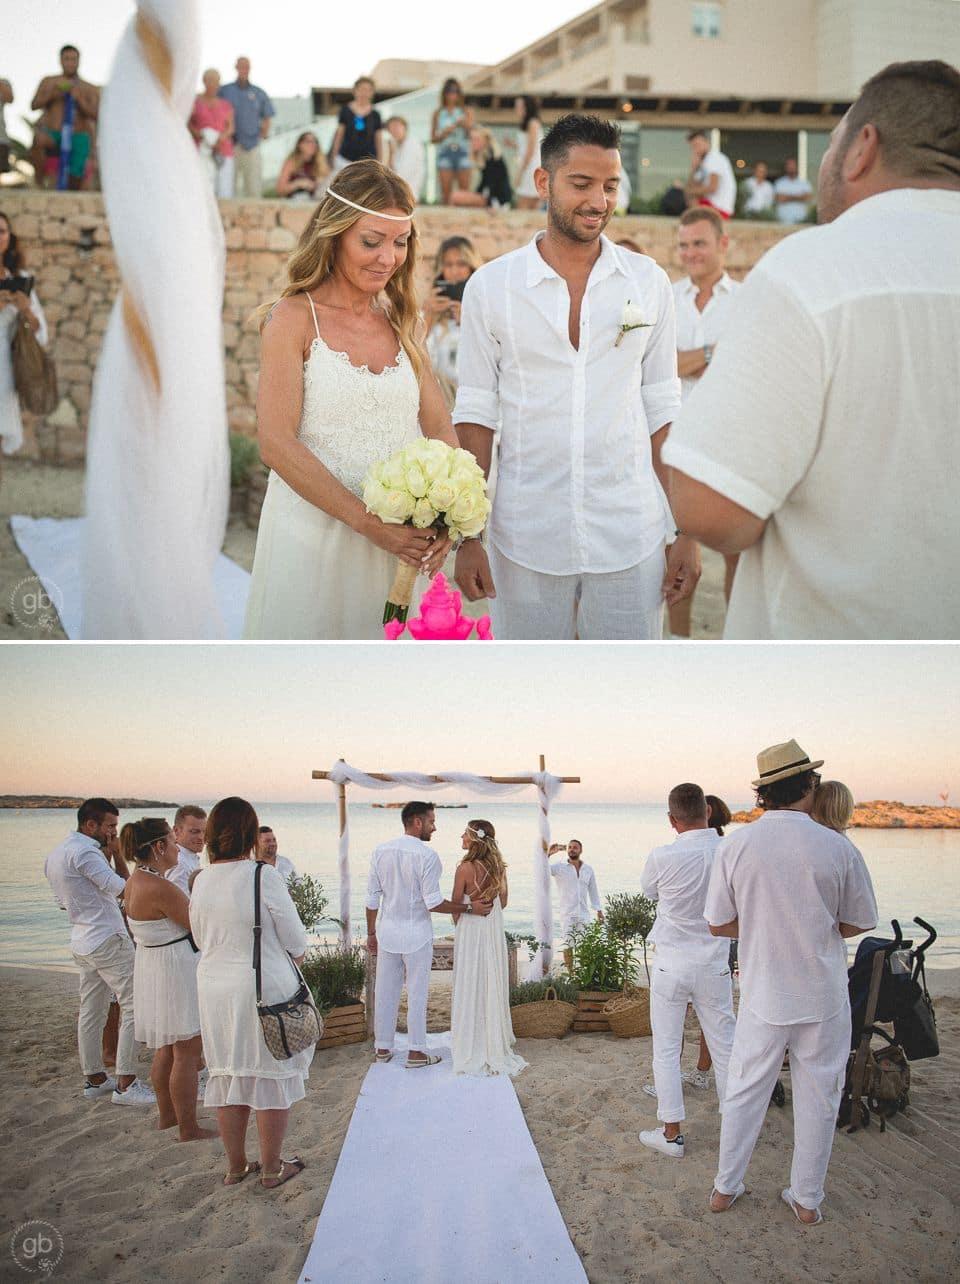 Matrimonio In Spiaggia Nel Lazio : Matrimonio in spiaggia a formentera